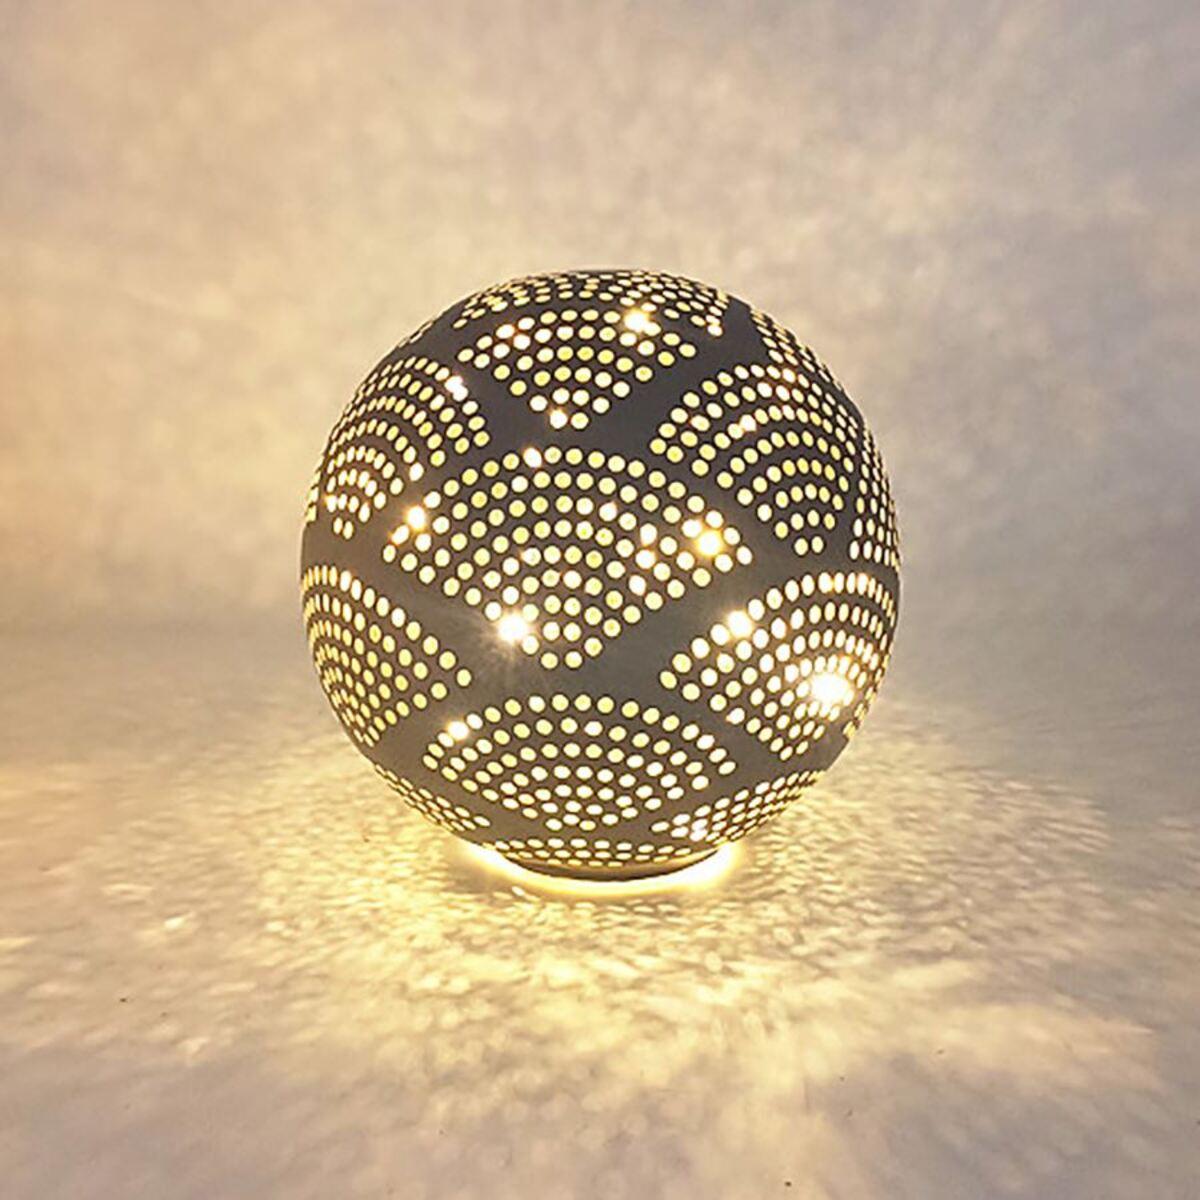 Bild 2 von Deko-Glaskugel mit 10 LEDs Warmweiß